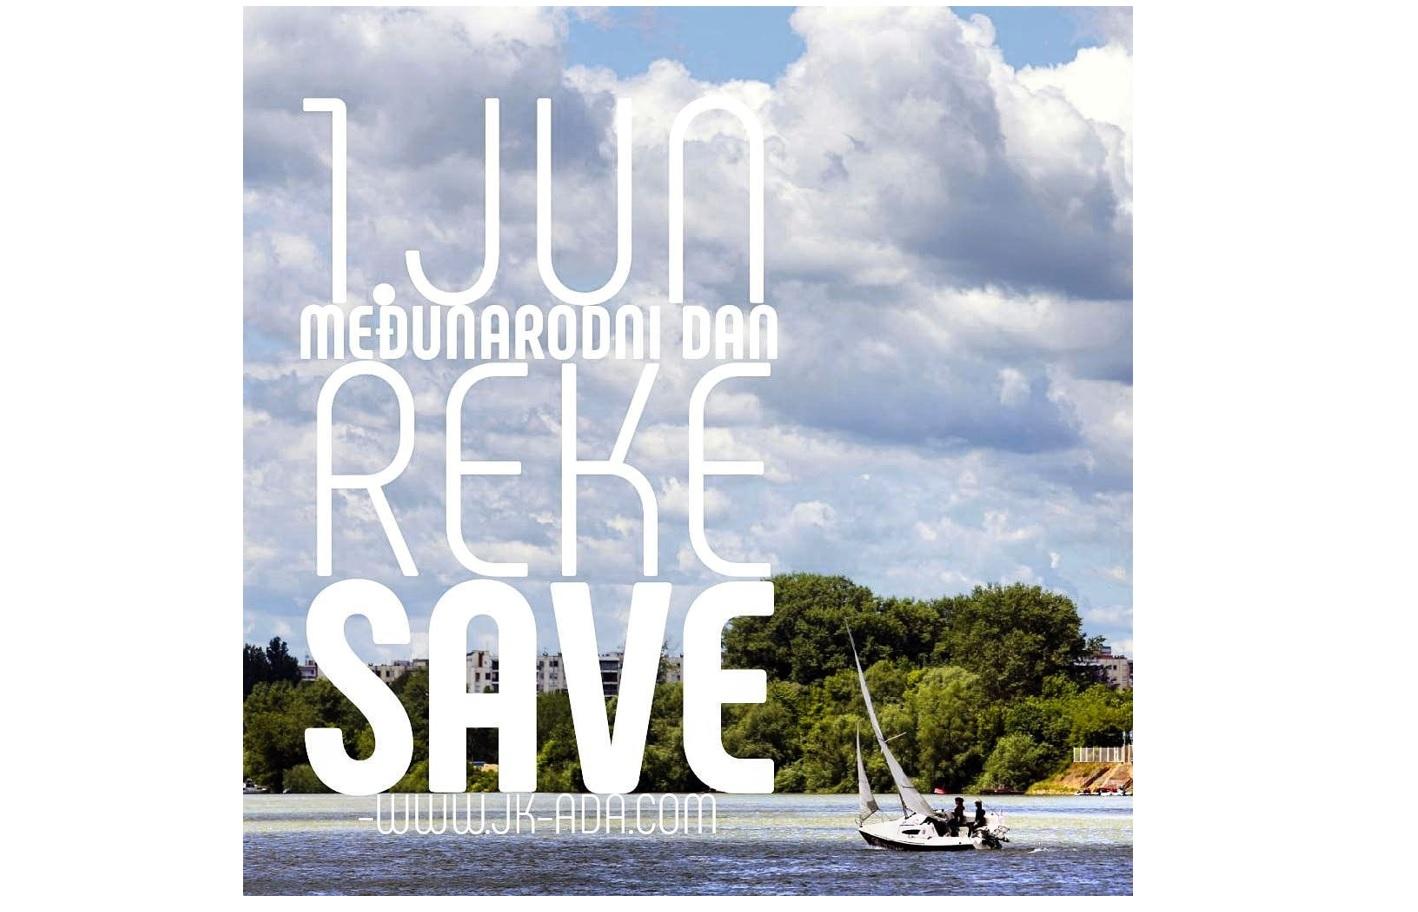 DAN REKE SAVE